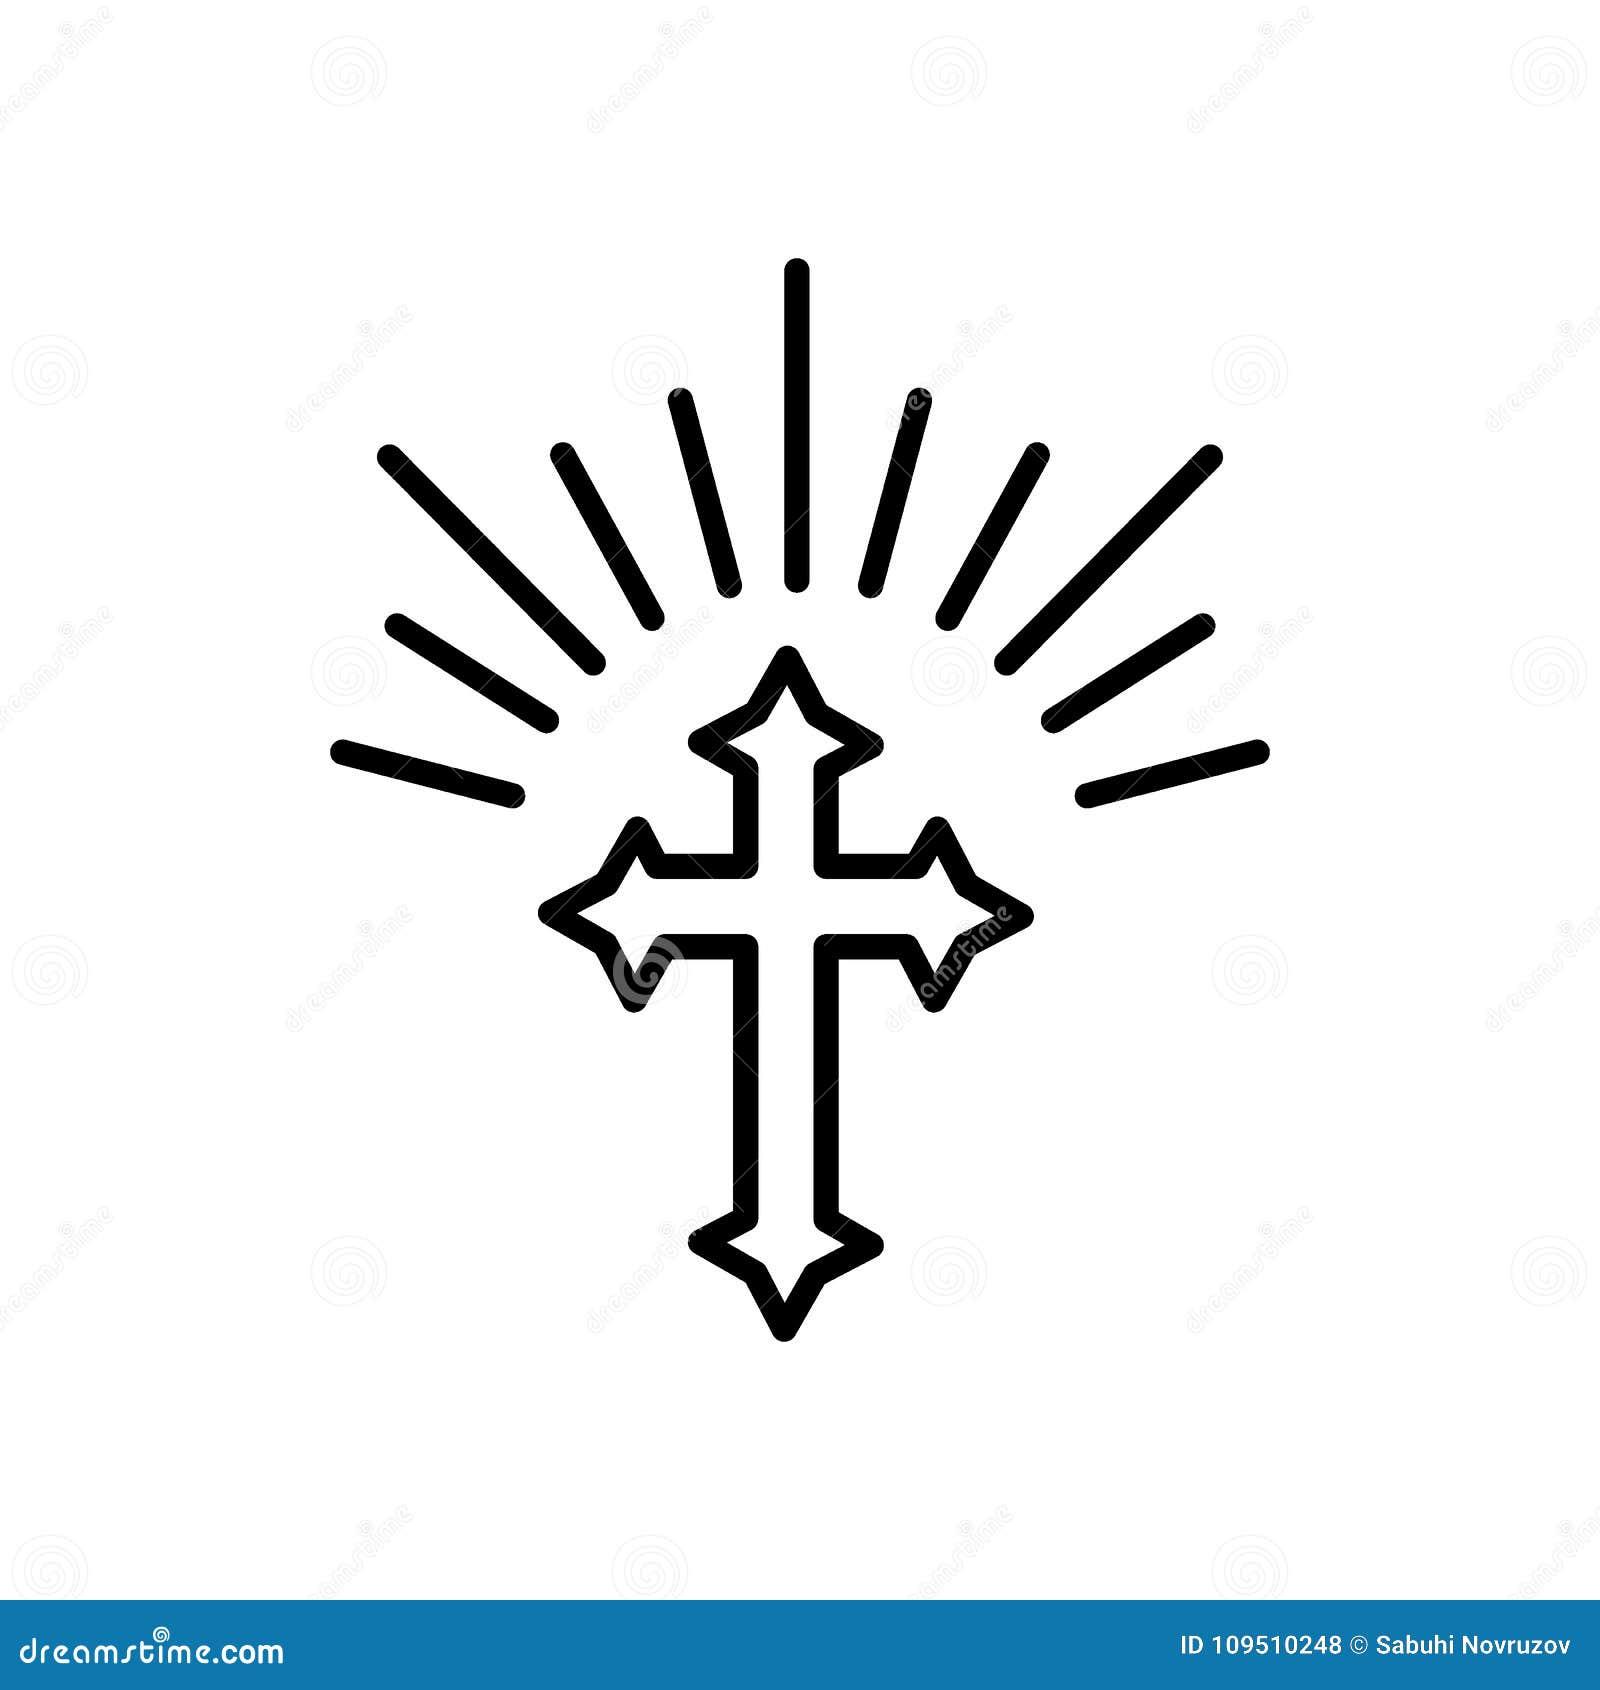 Sylwetka Ozdobny Krzyz Z Slonc Swiatlami Szczesliwa Wielkanocna